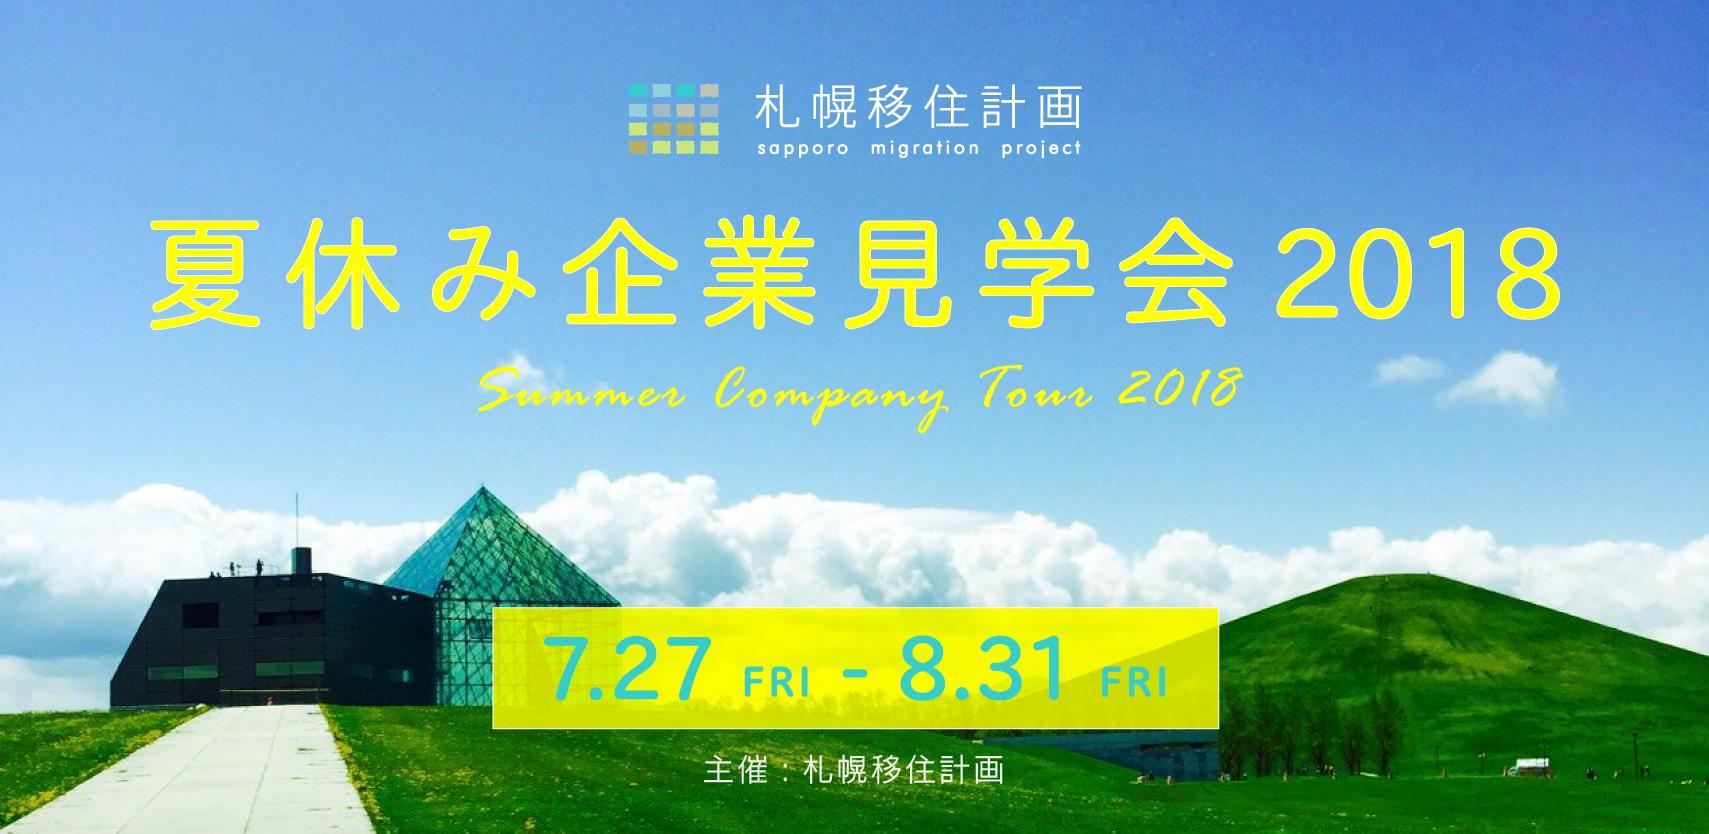 札幌移住計画 夏休み企業見学会 2018